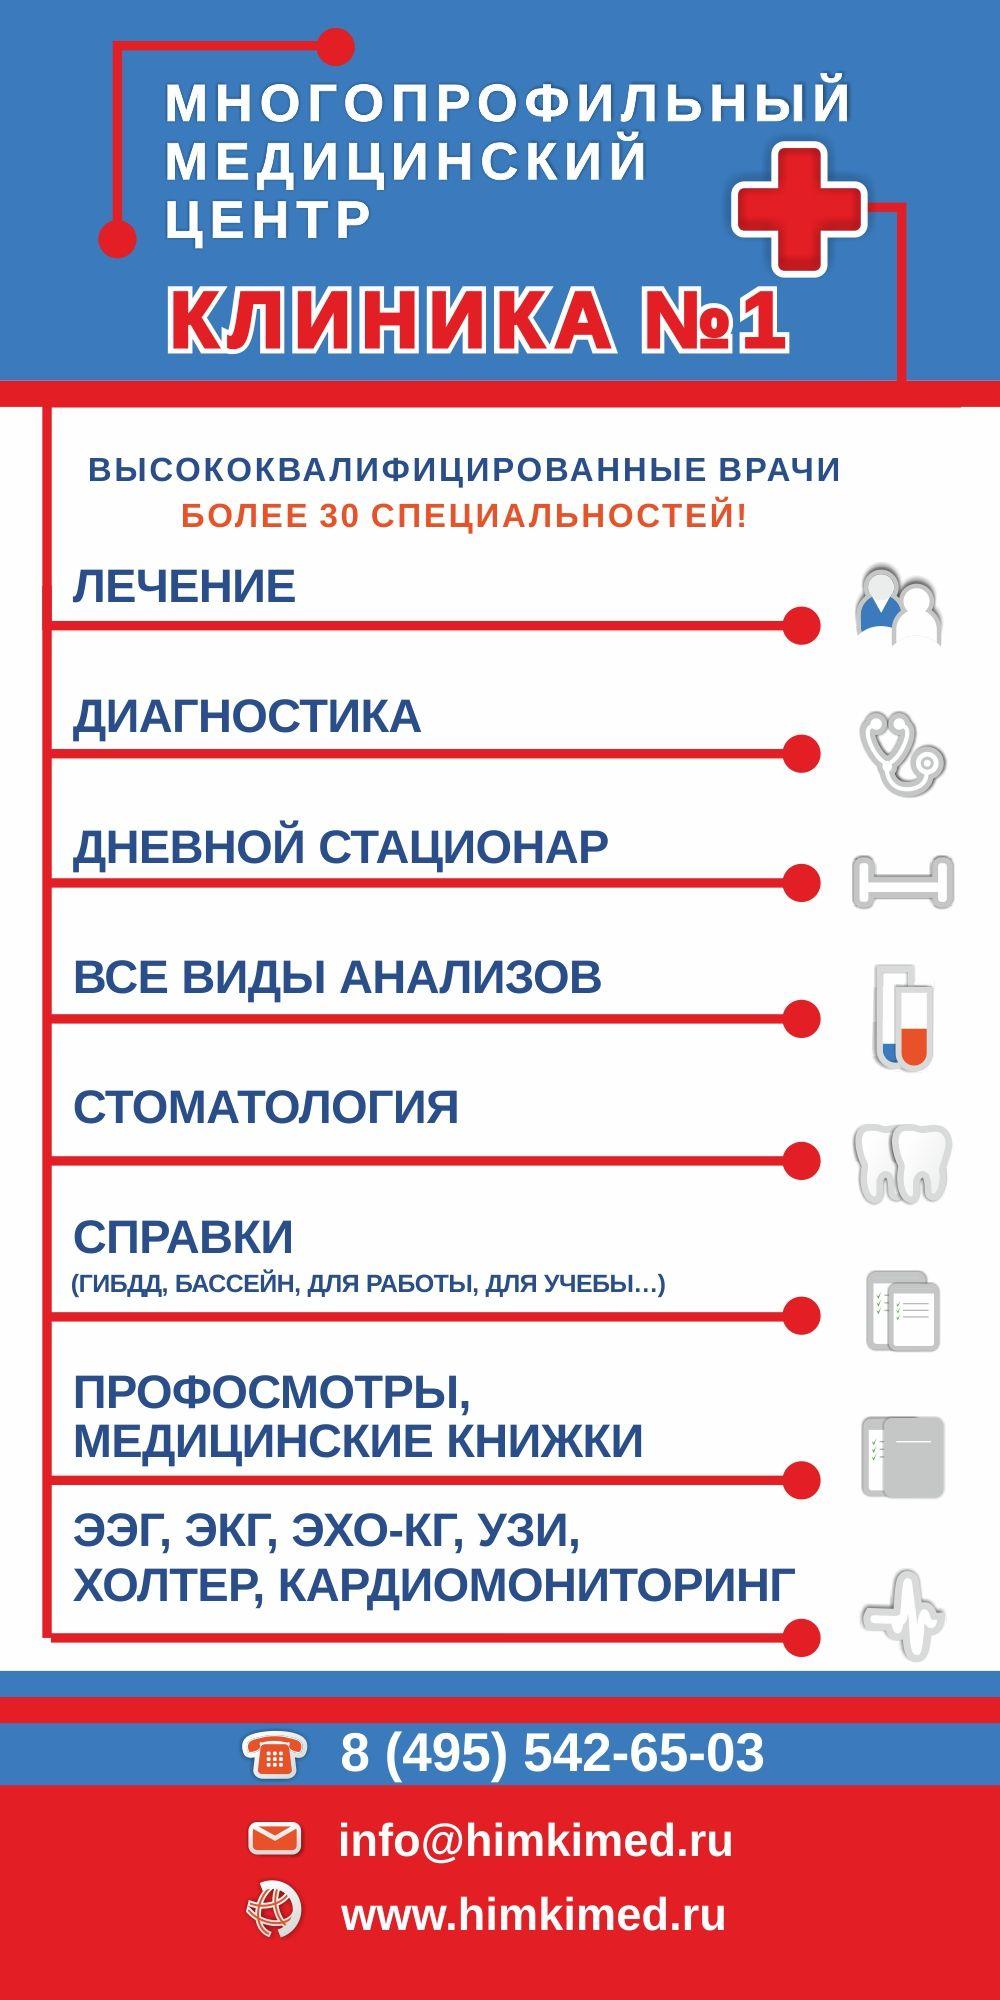 Световой короб в ТЦ для медицинской клиники - дизайнер OlgaAI